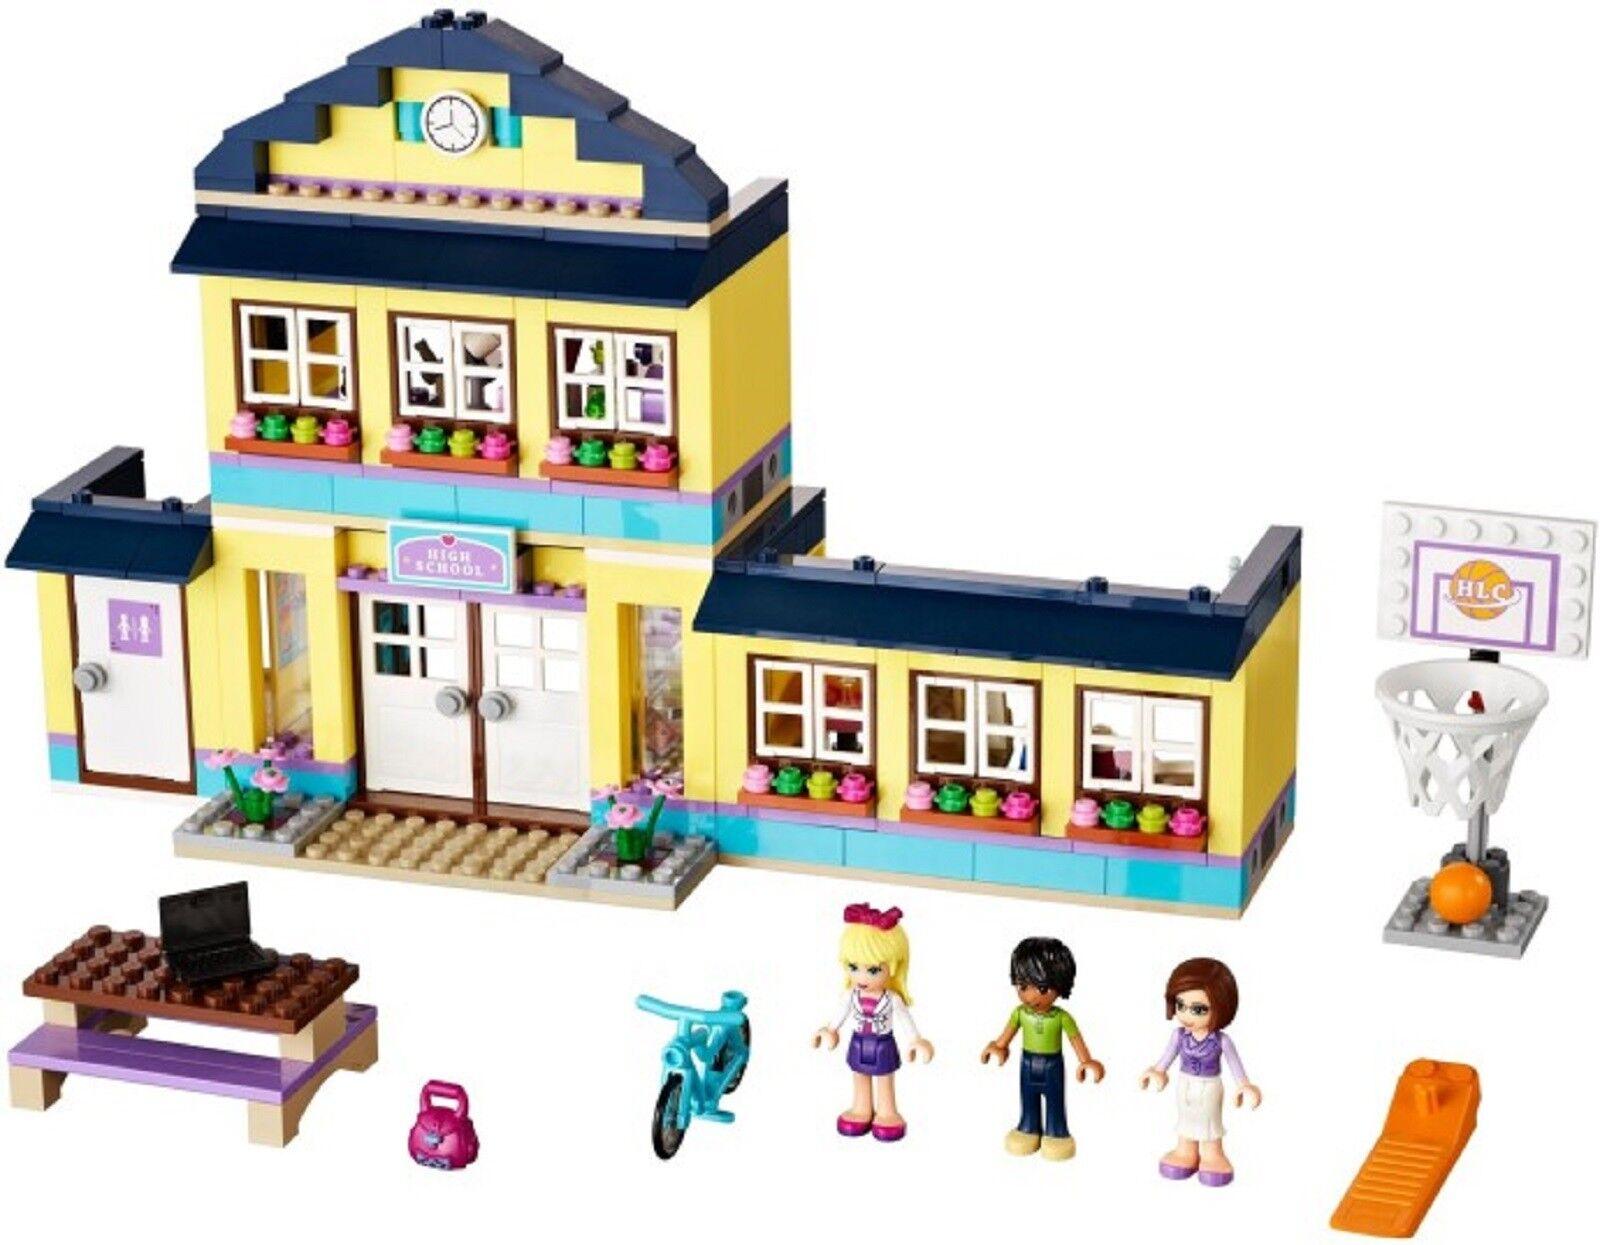 Lego 41005 Friends Heartlake High School Ecole + Notice complet de 2013 CNG17